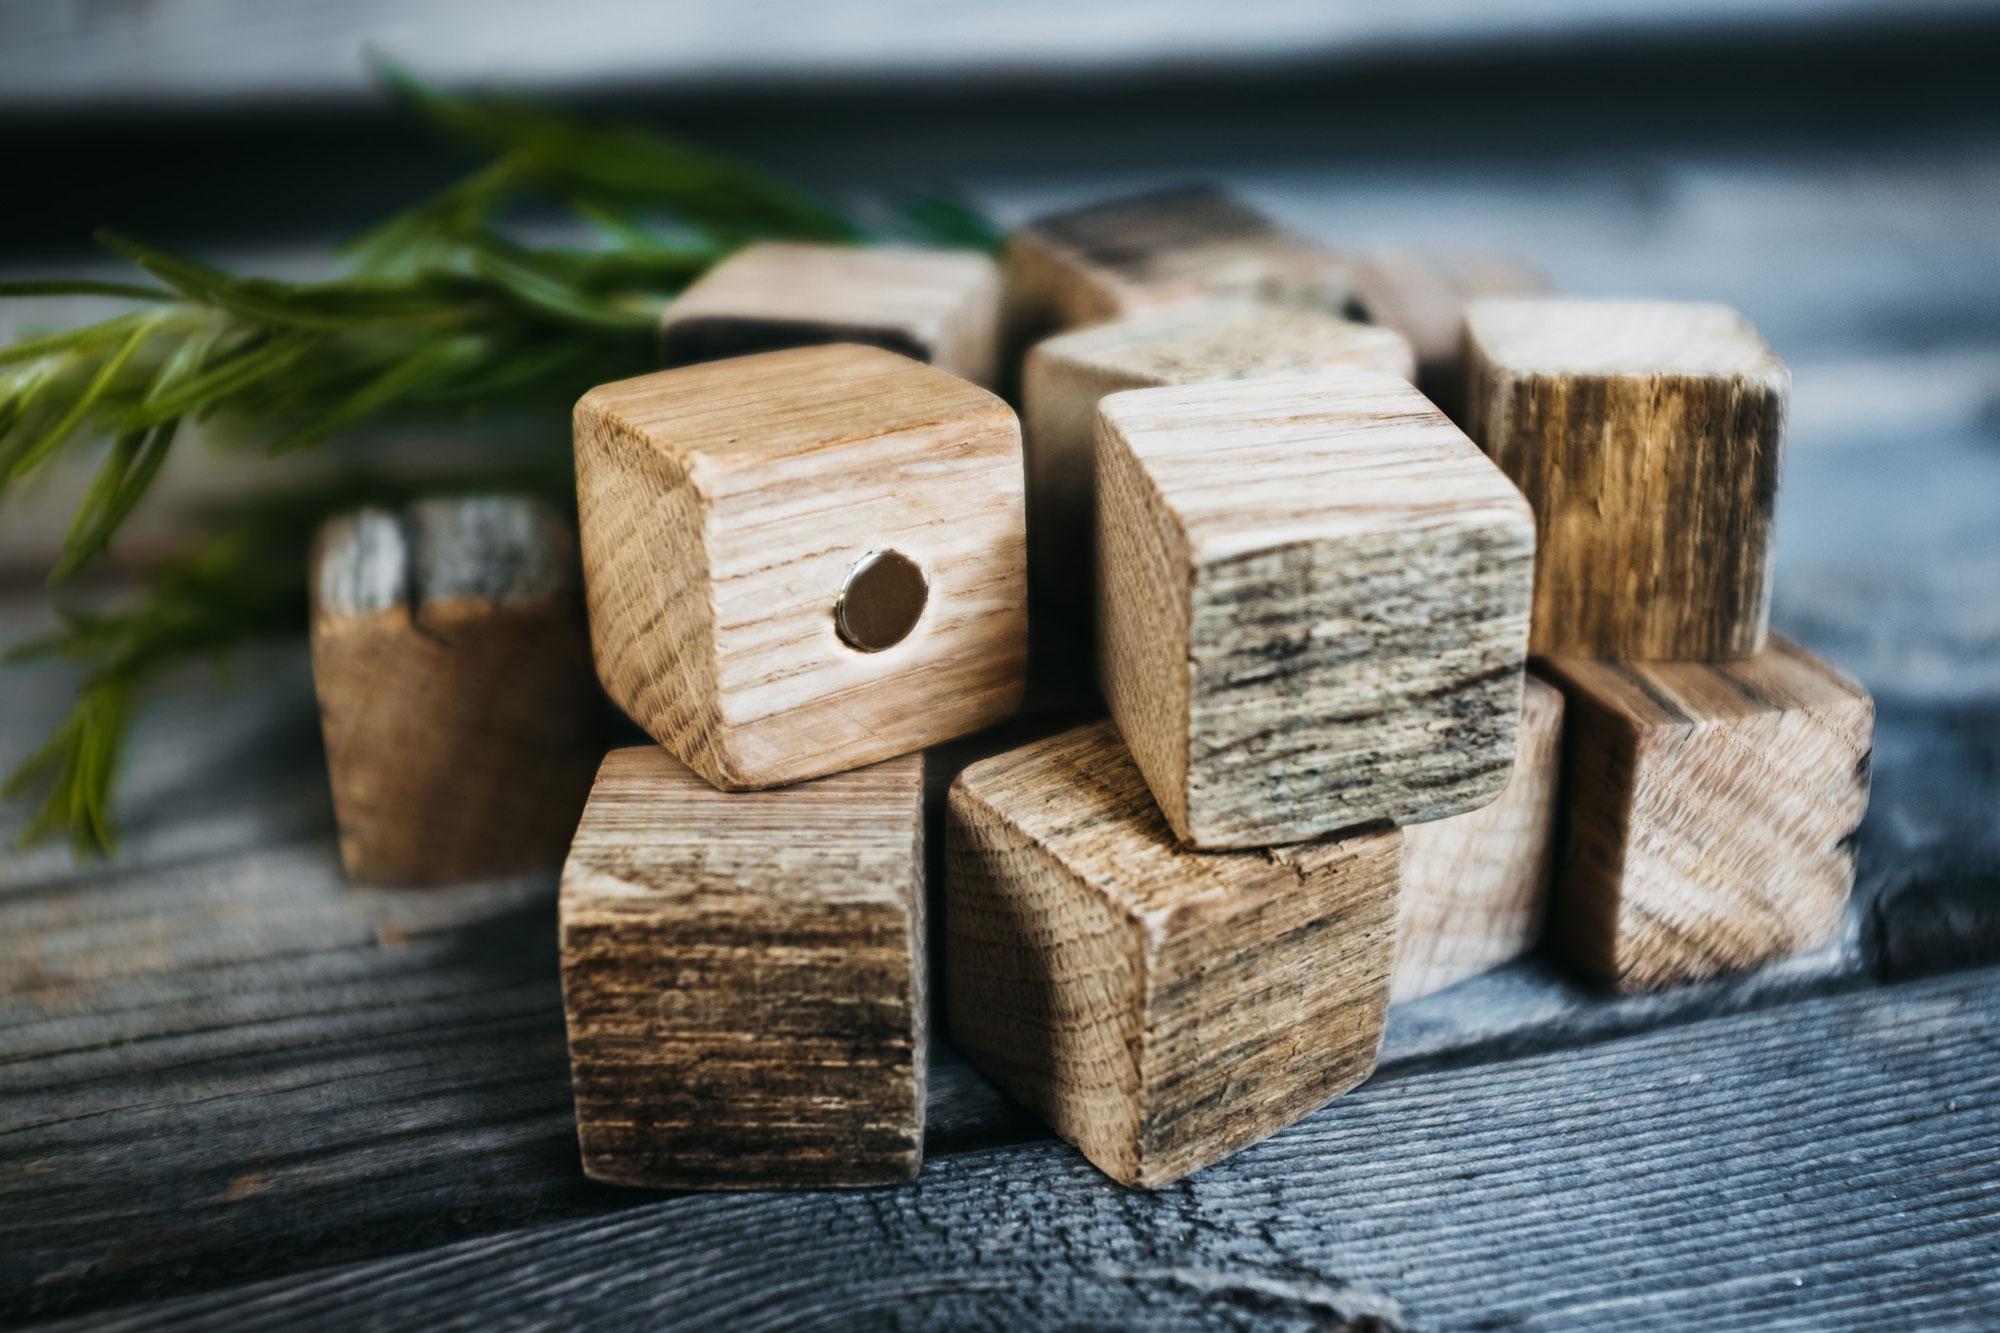 Handgefertigte Magnete aus Holz